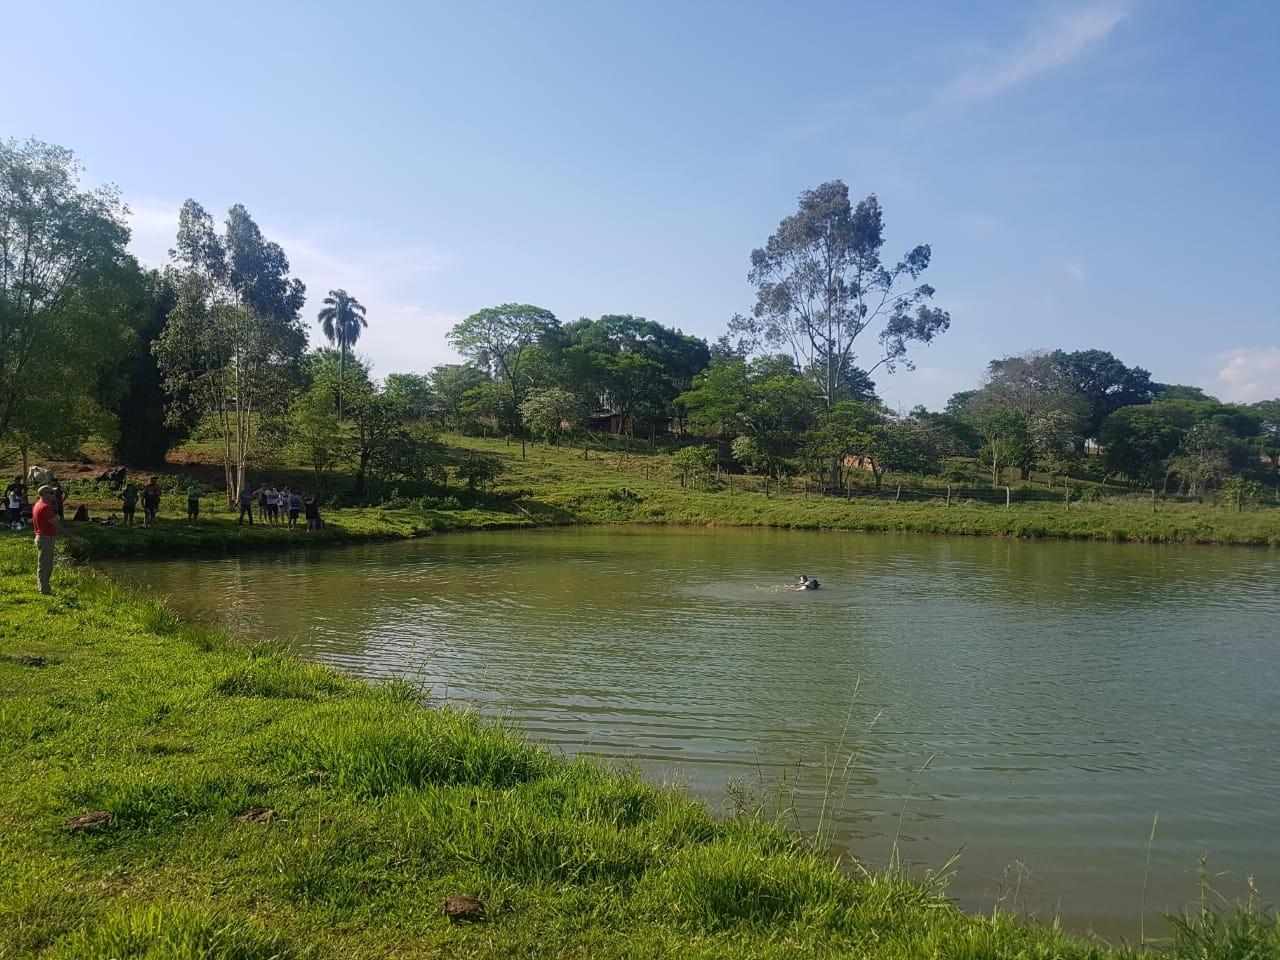 Jovem morre afogado em chácara, em São Miguel do Iguaçu - Notícias - Plantão Diário